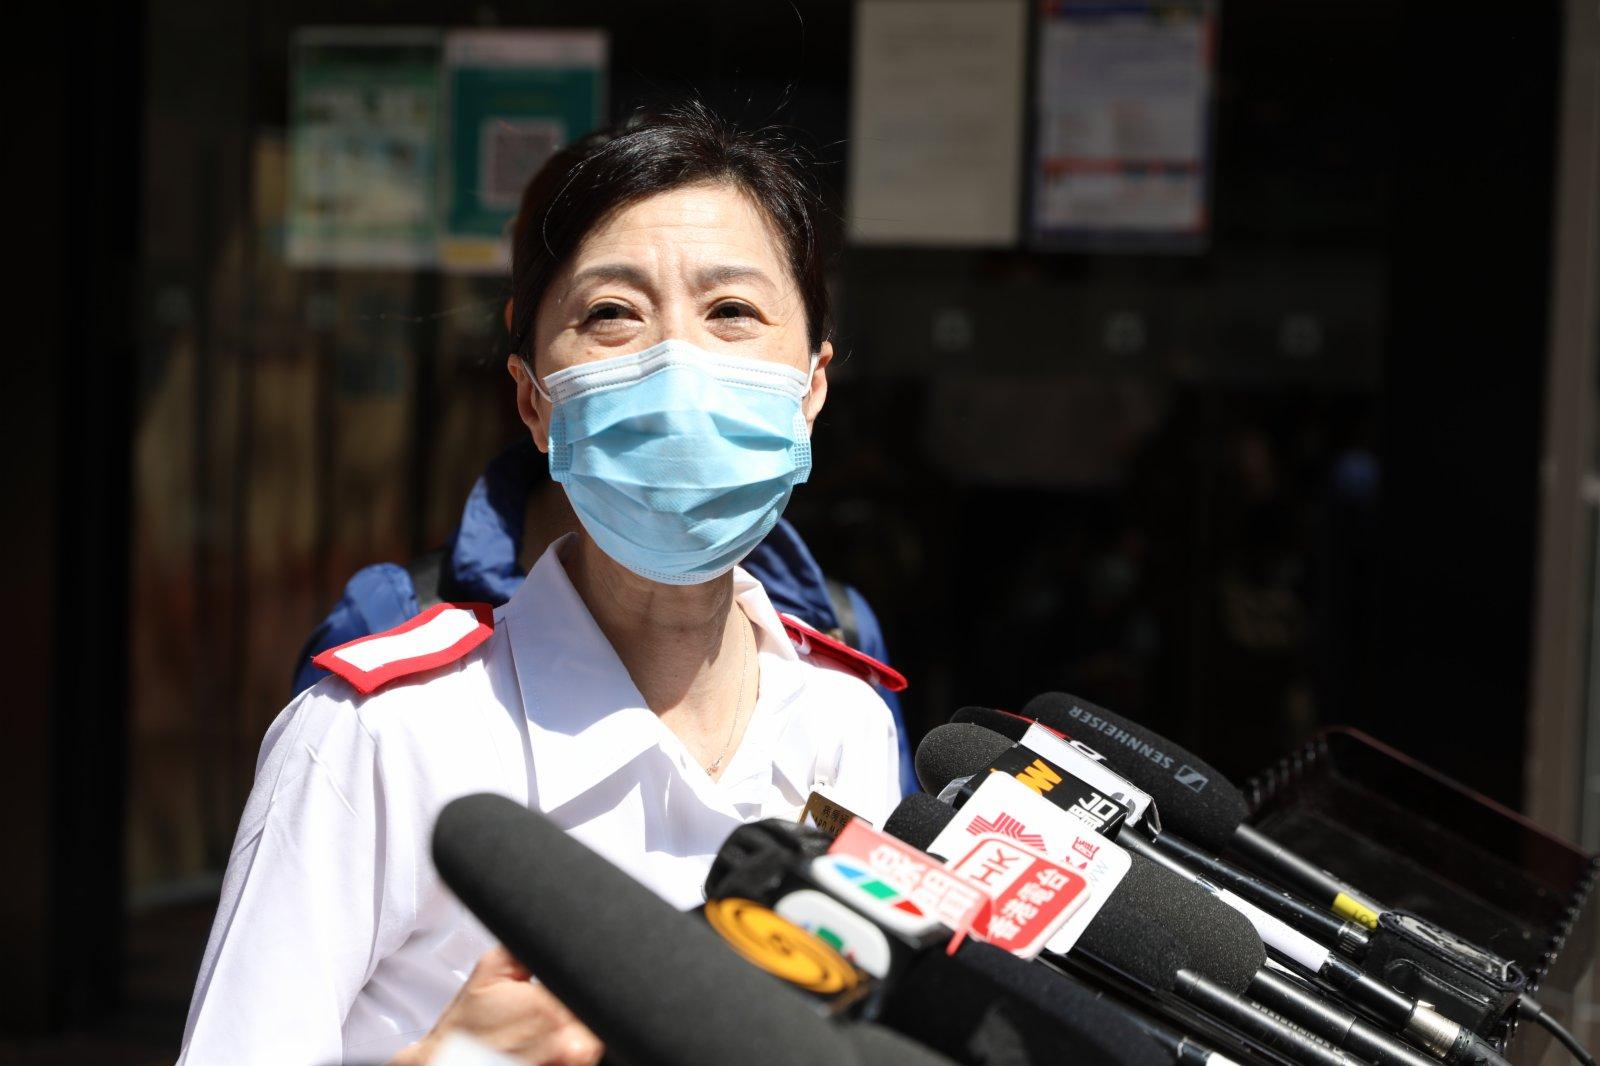 東區醫院病房經理梁翠瑩表示,在隔離病房工作有感染風險,為了讓病人和自己安心,減低感染風險,特地前來打針。她形容接種疫苗後沒有疼痛感,希望廣大市民能夠儘快接種疫苗,提高群體免疫能力,讓香港盡早走出疫情。(大公文匯全媒體記者攝)